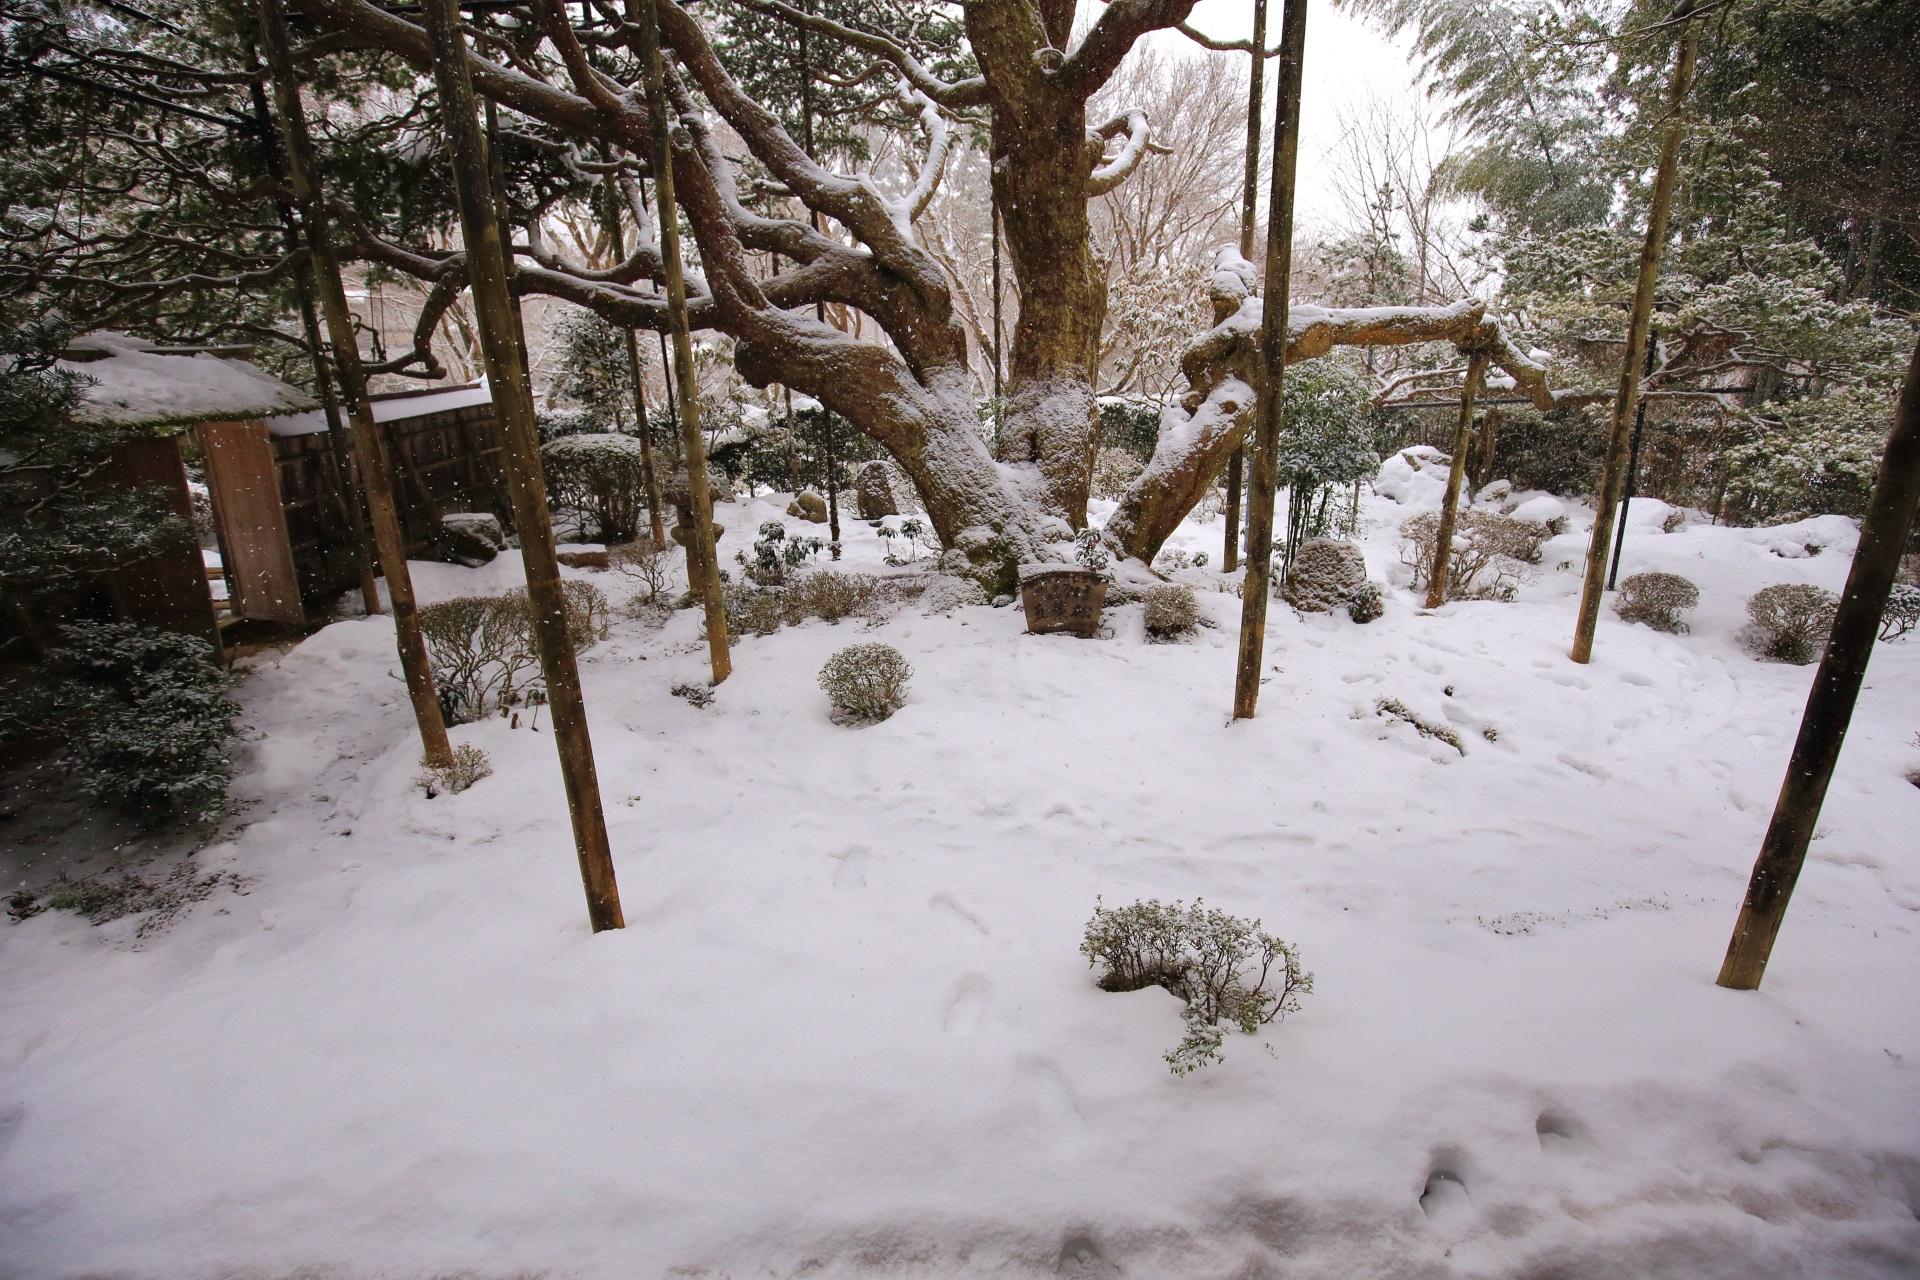 雪がだいぶ積もった額縁庭園と五葉松